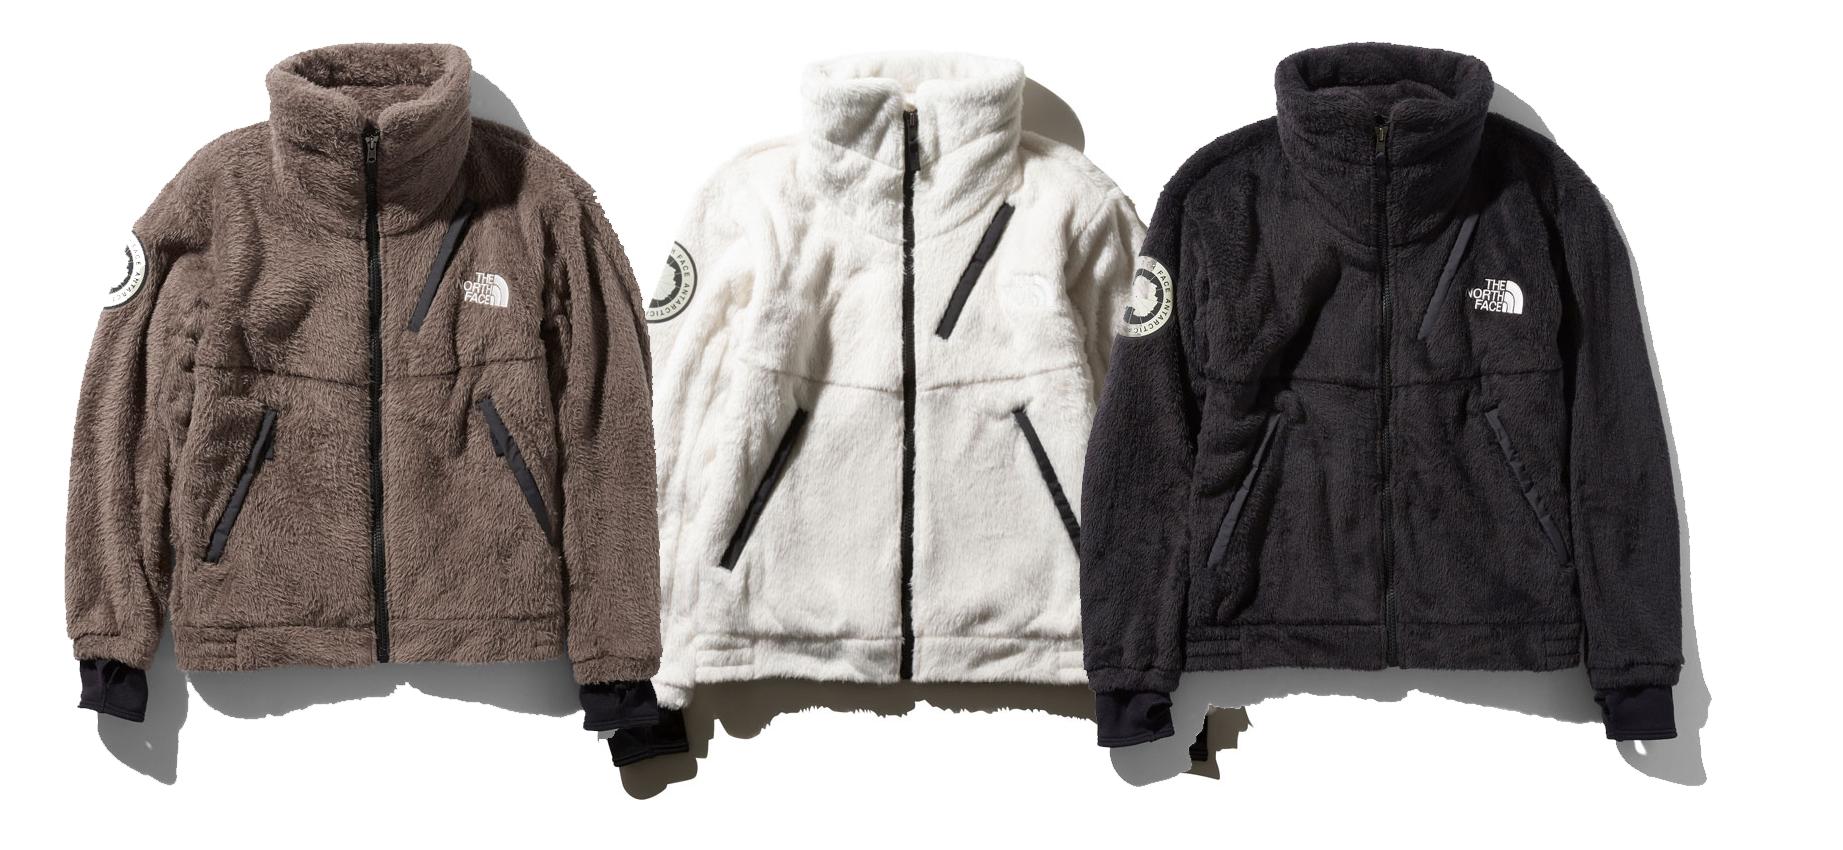 【2019FW】ザ・ノース・フェイス アンタークティカ バーサロフトジャケット NA61930 ¥33,000- 極地用フリース防寒ジャケット